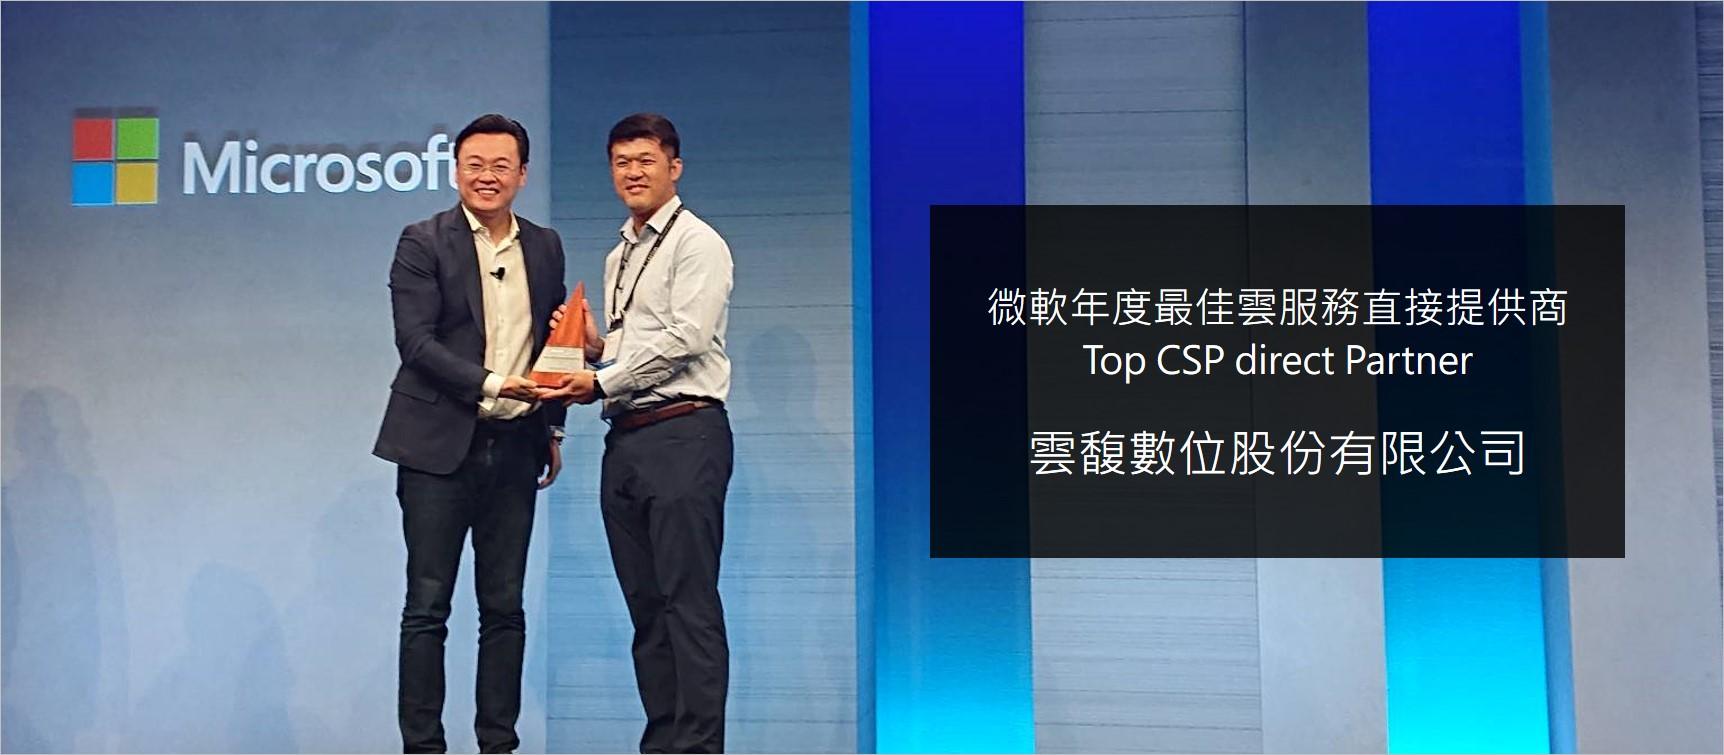 雲馥數位 榮獲微軟2019年度最佳雲服務提供商大獎